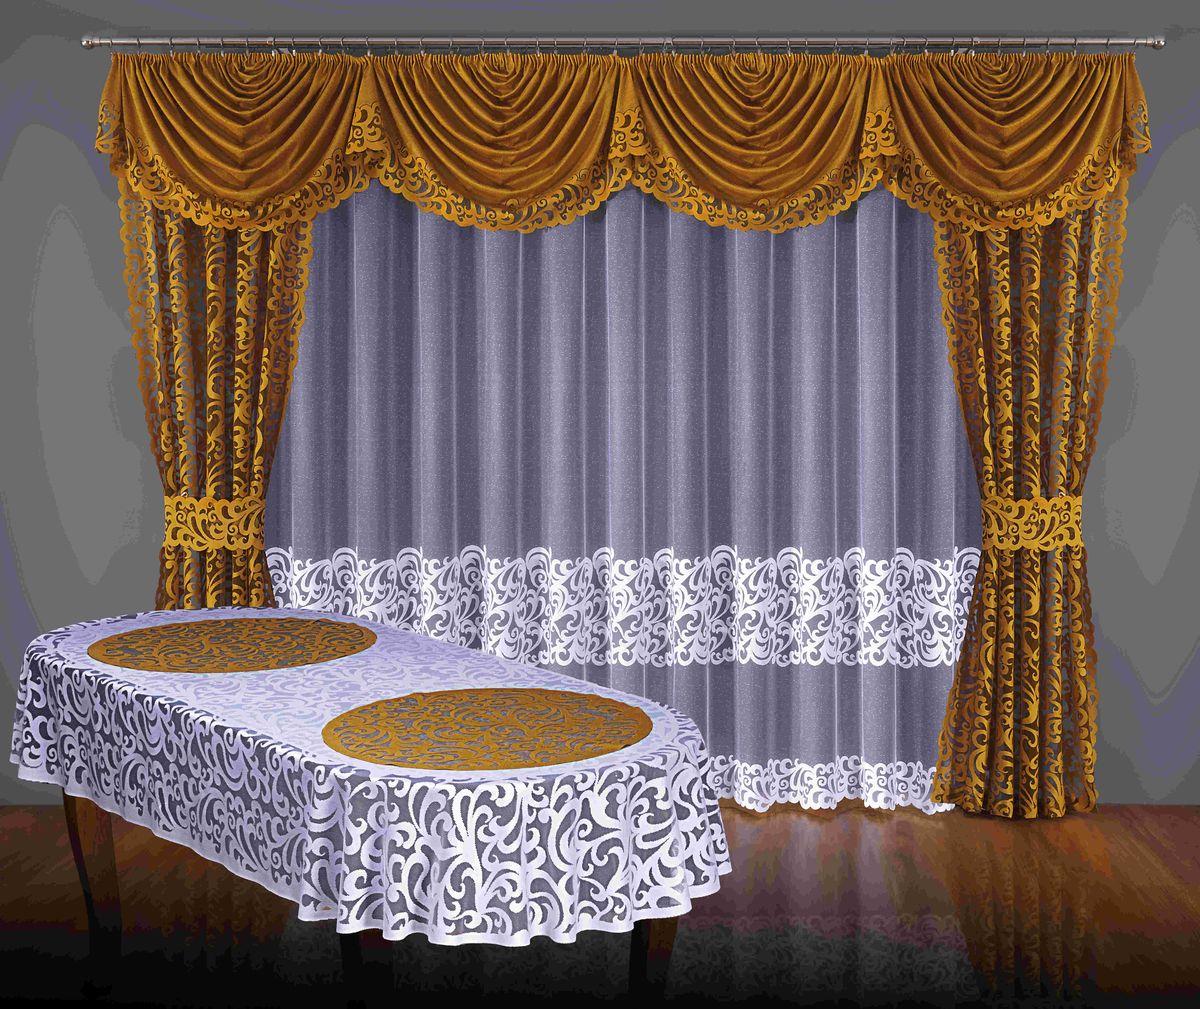 Комплект штор Wisan Modena, на ленте, цвет: золотой, белый, высота 250 см комплект штор wisan lara на ленте цвет оранжевый белый высота 250 см